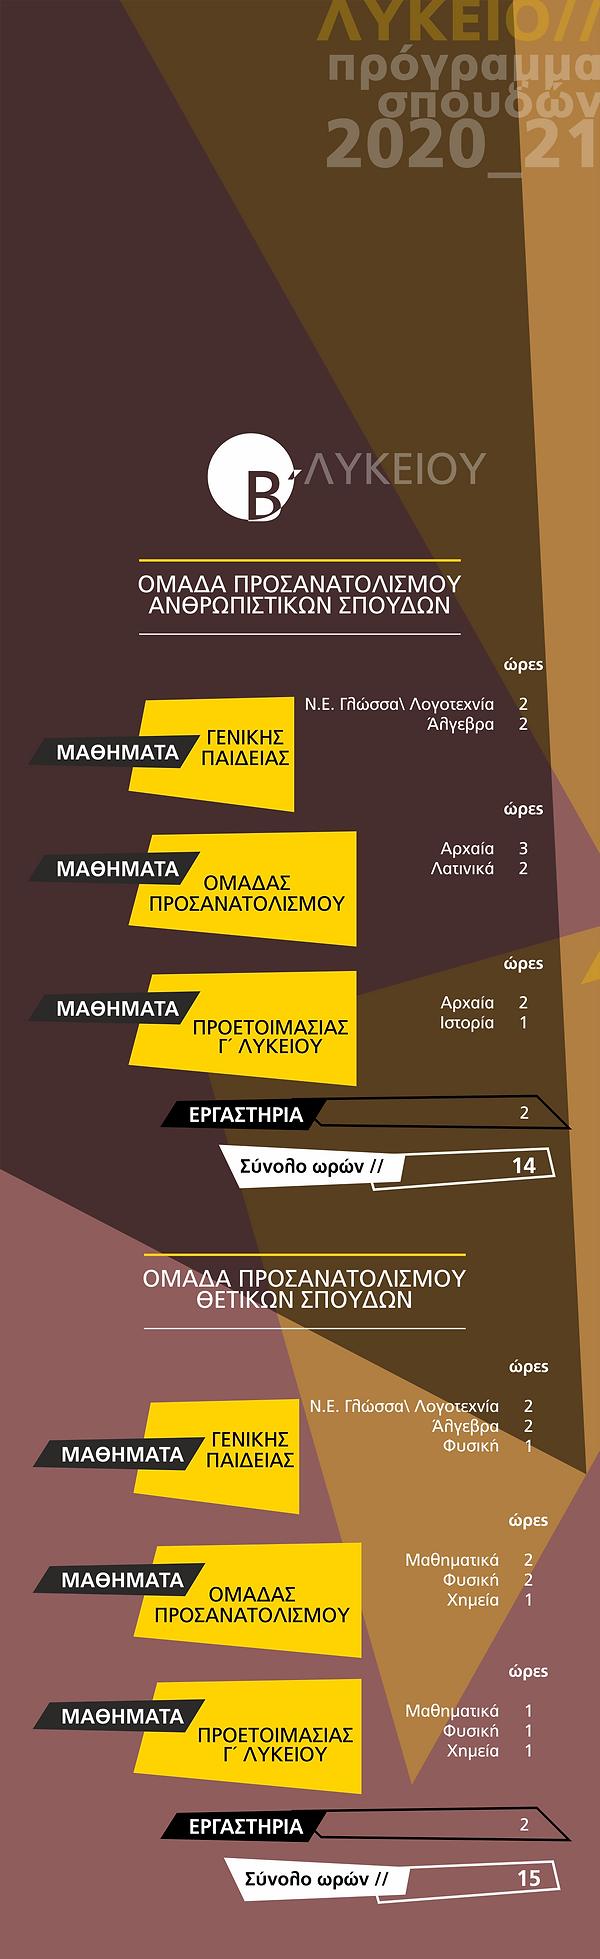 ΠΡΟΓΡΑΜΜΑ Β ΛΥΚΕΙΟΥ 1.png